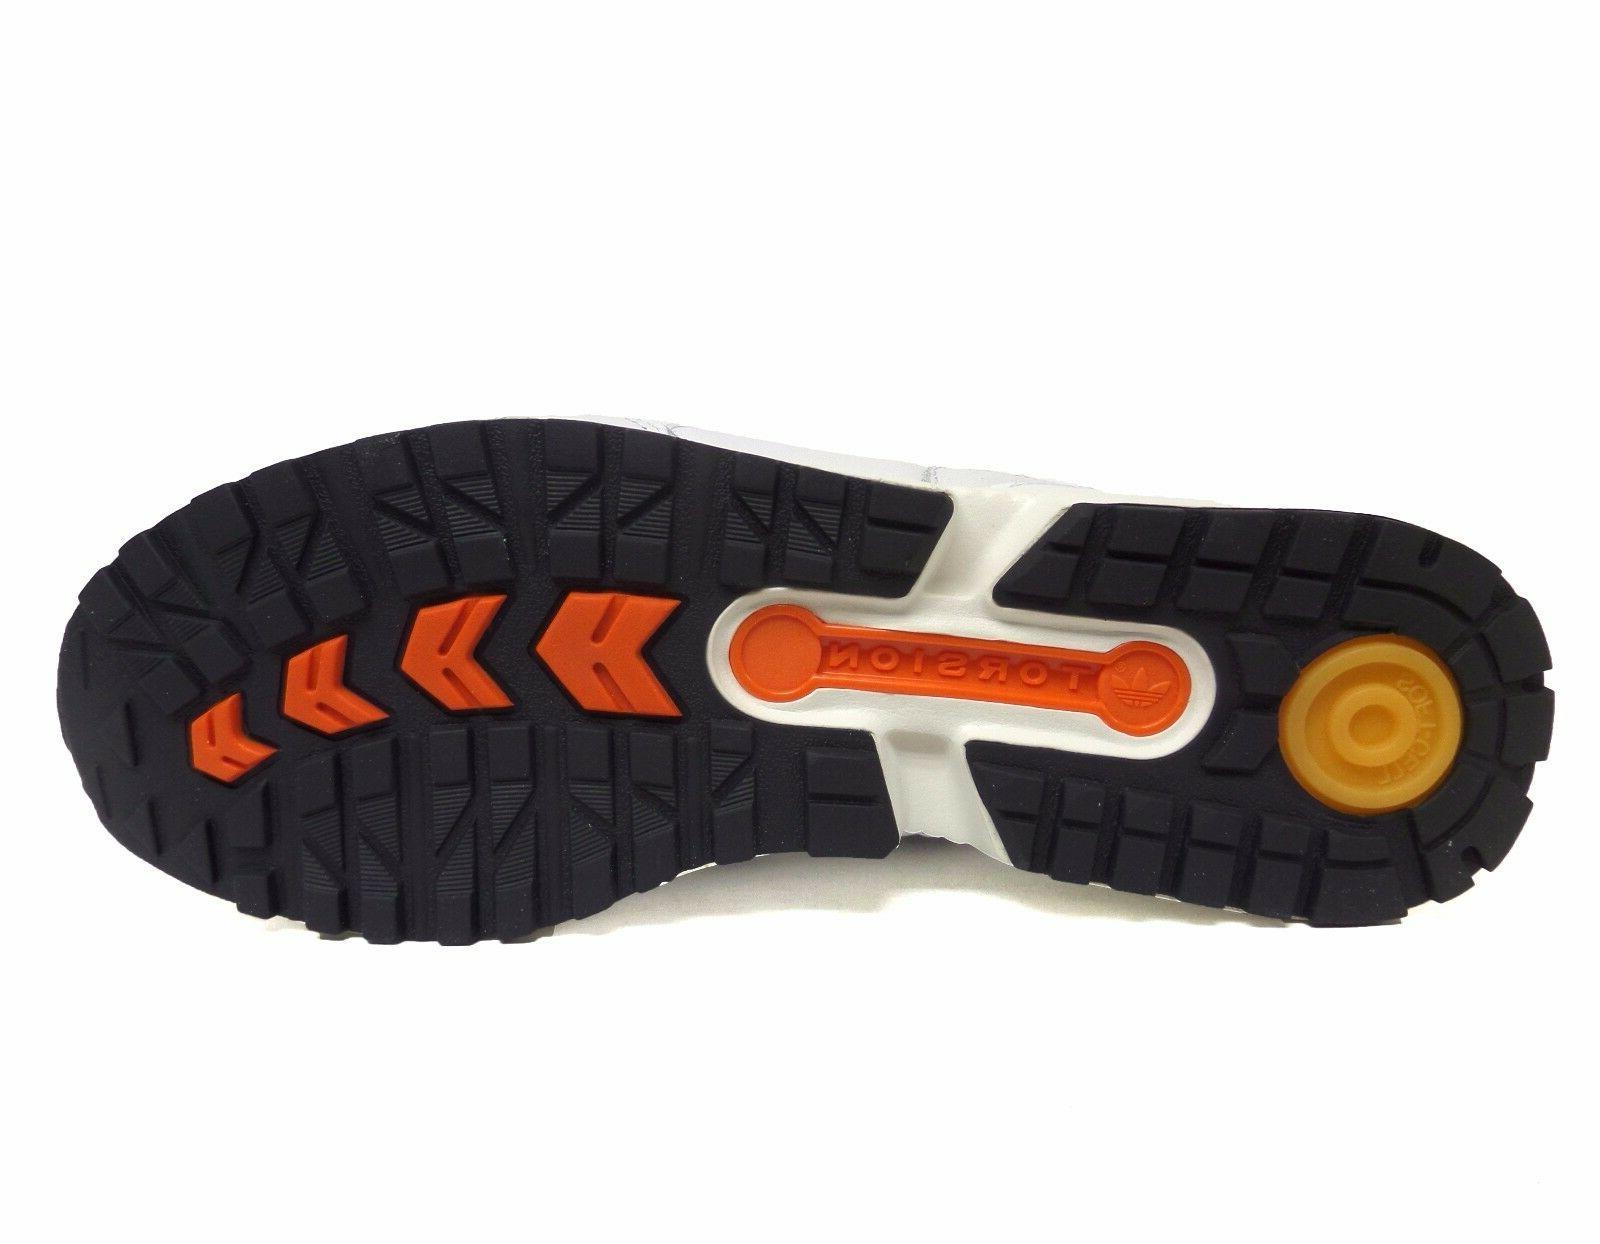 Cushion Shoes a1